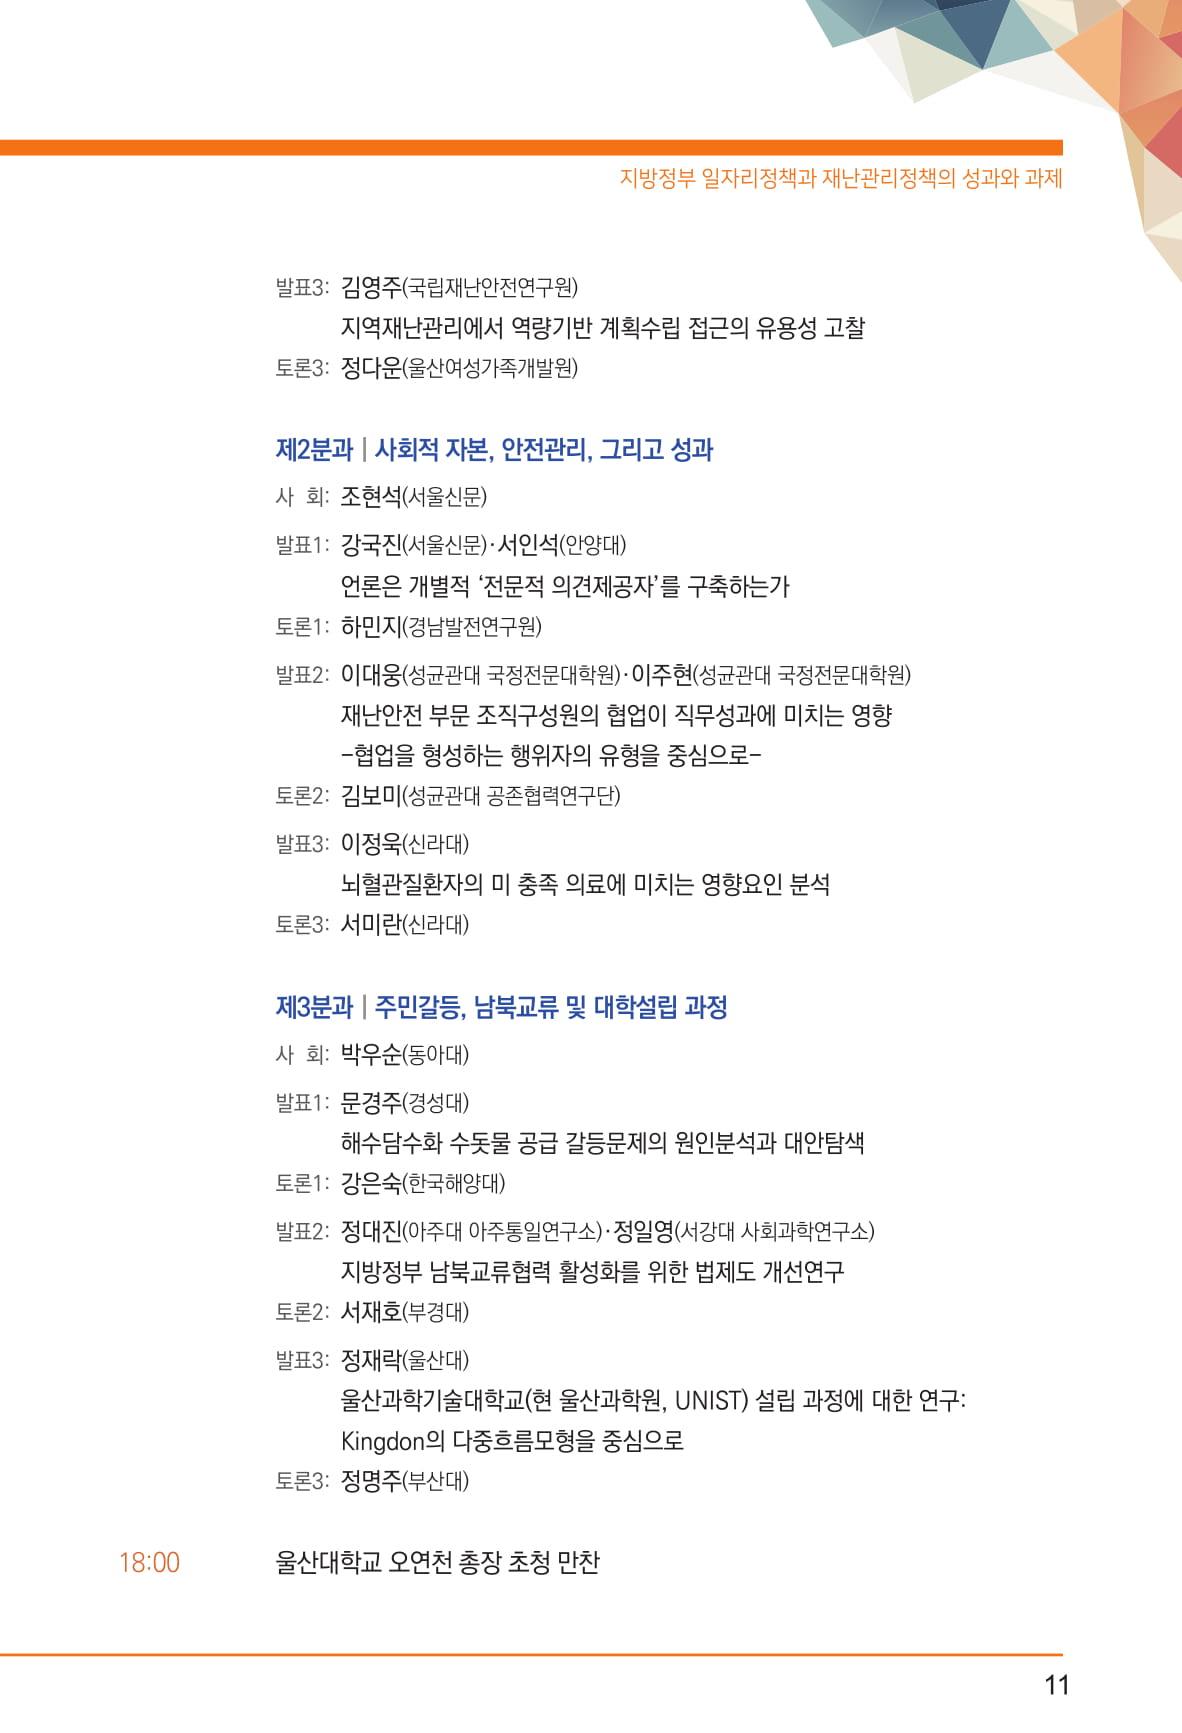 12_지방정부_춘계초청-11.jpg